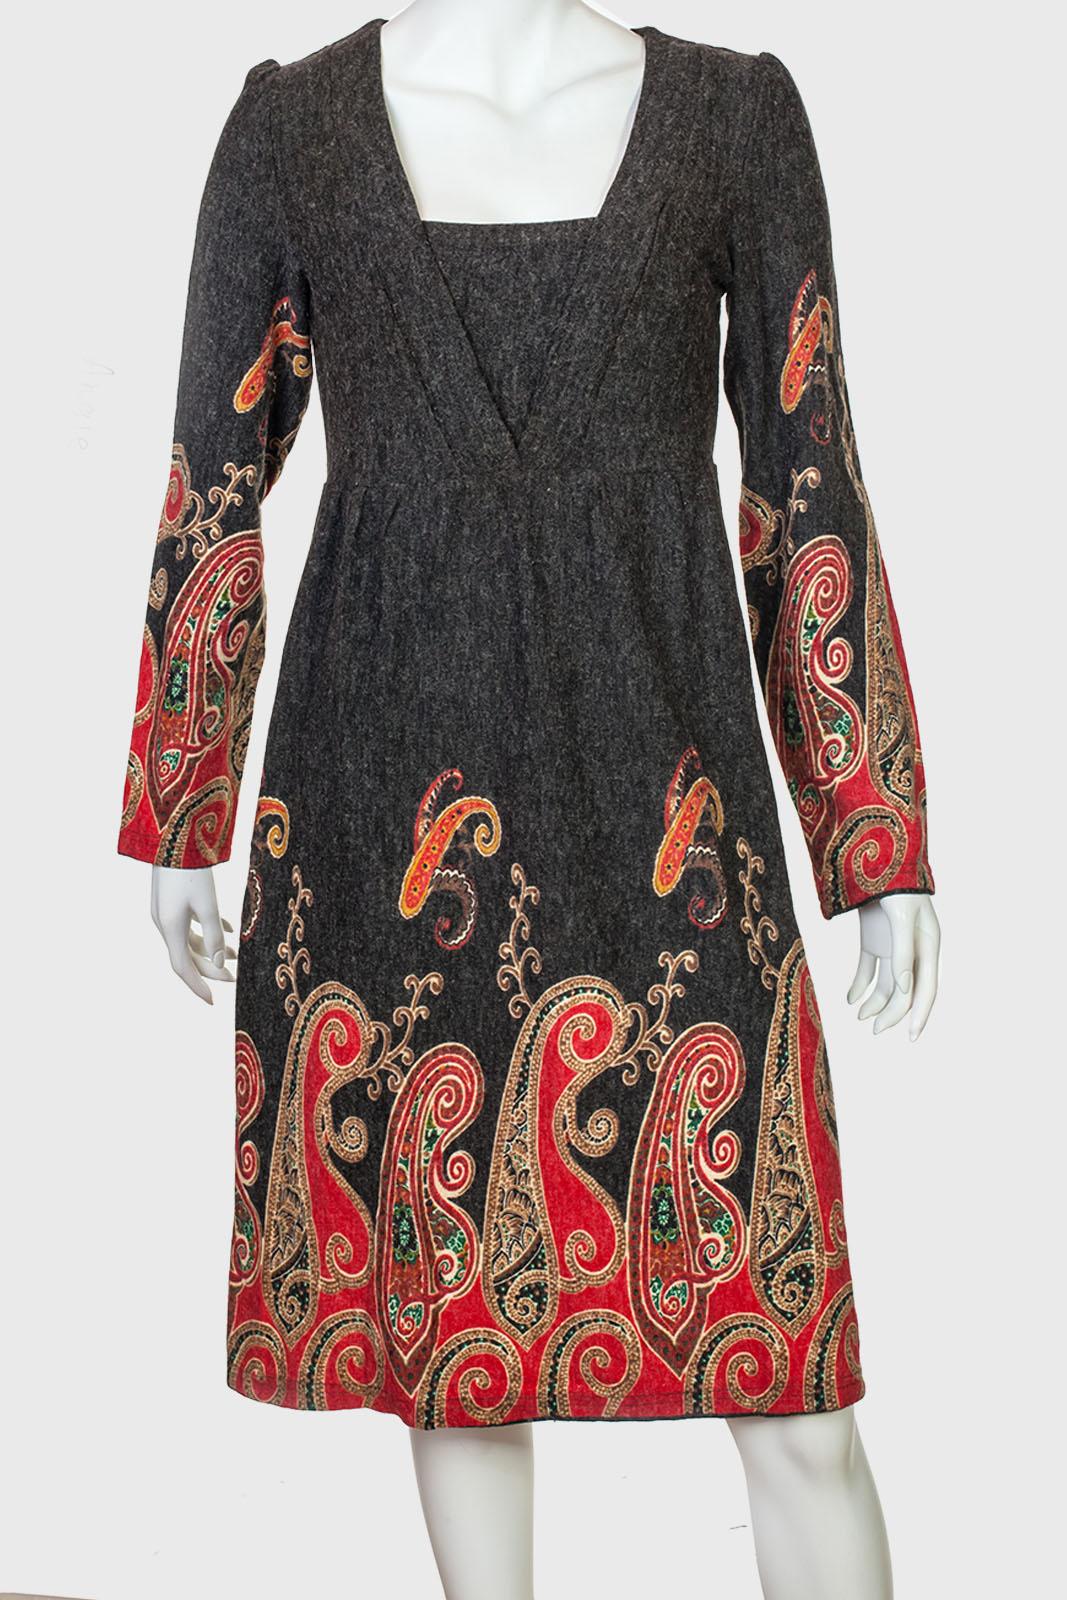 d4a3d84fae8 Элегантное темное платья с ярким принтом от Angie